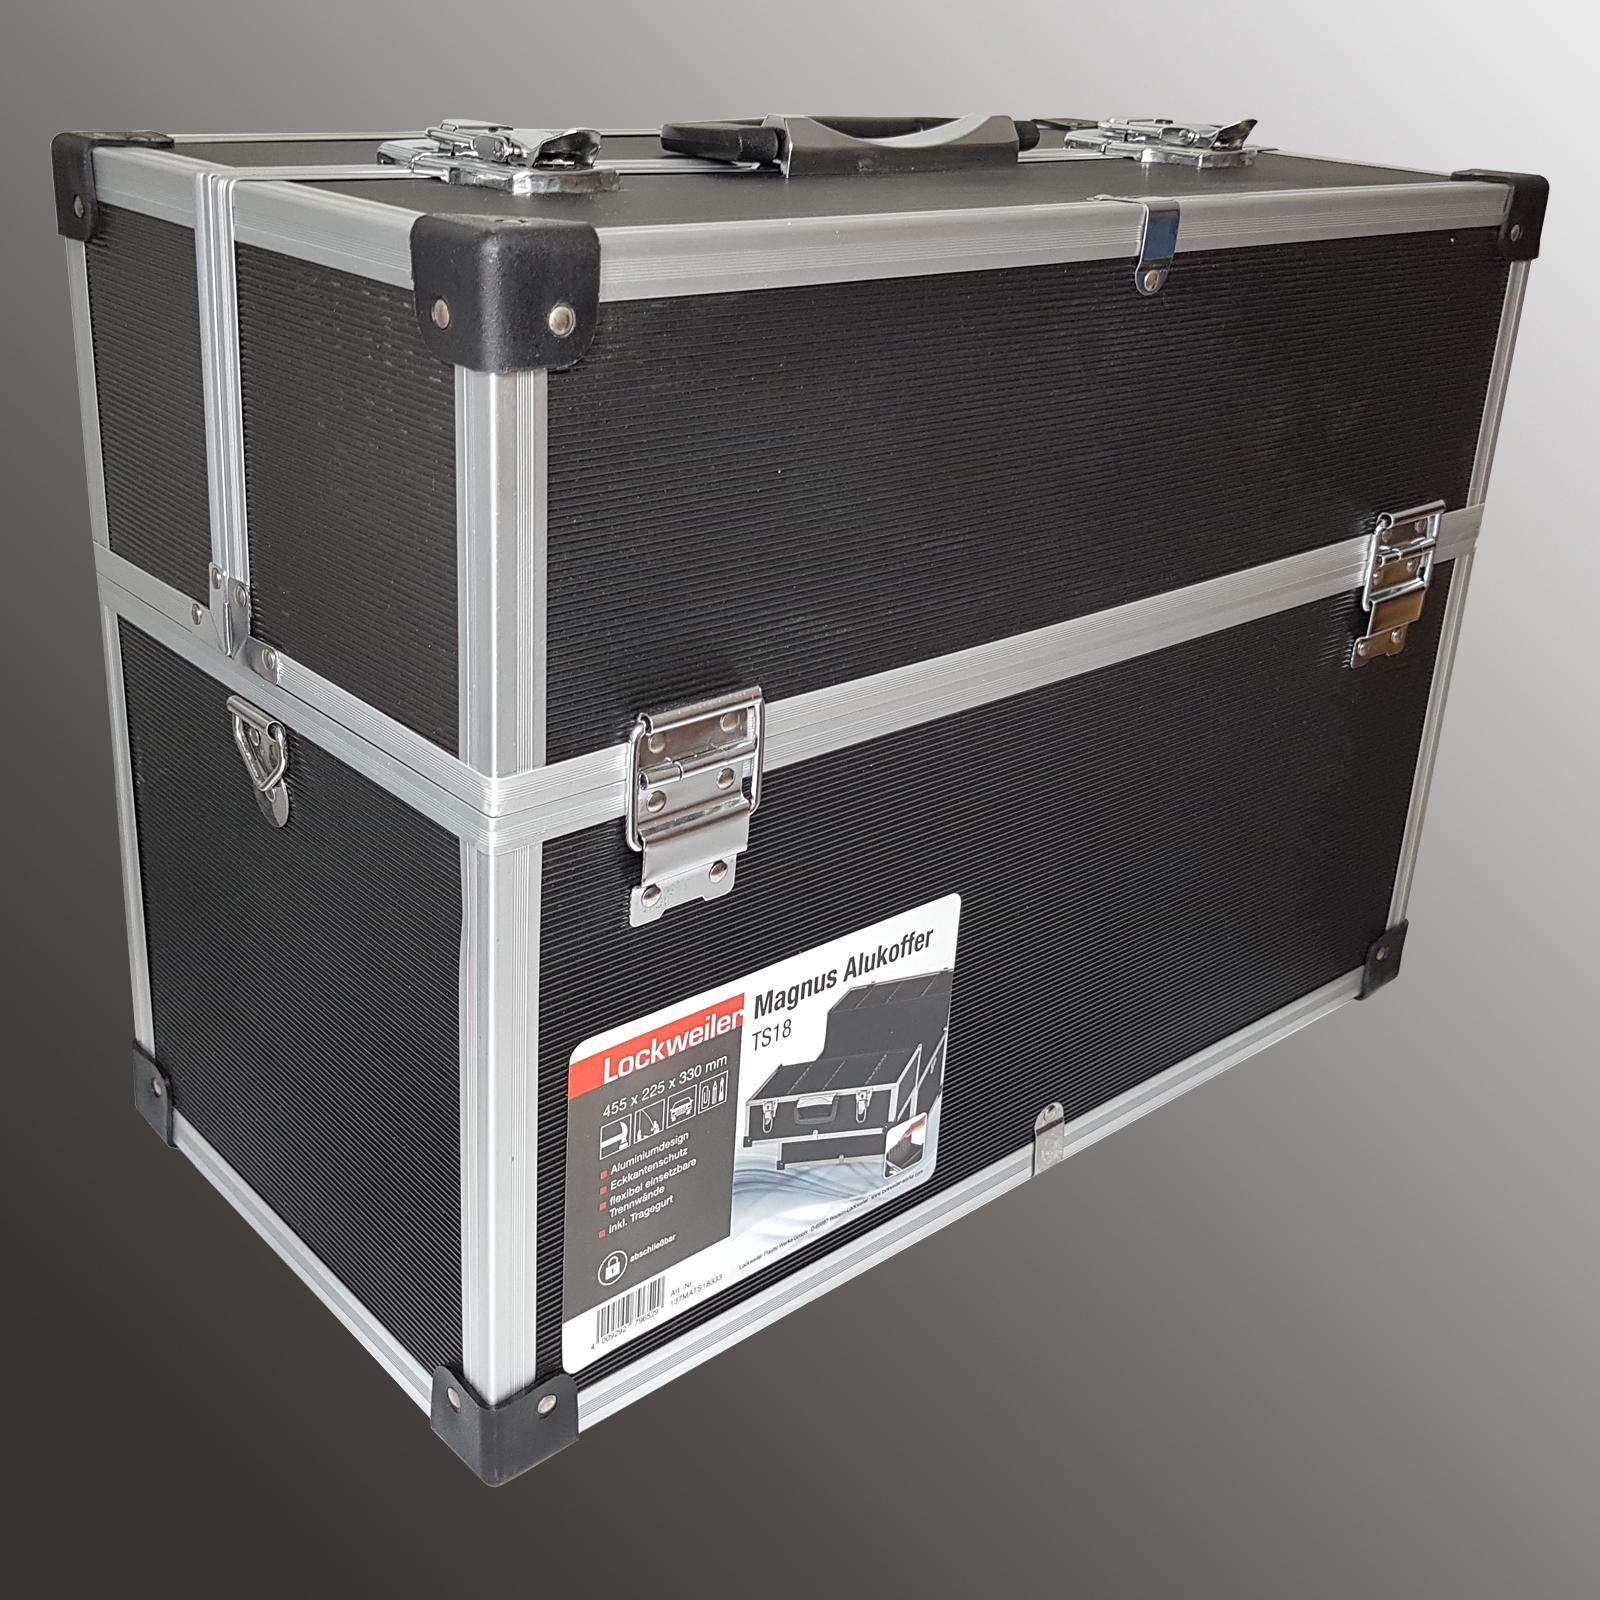 Werkzeugkoffer Leer Werkzeugkiste Maschinenkoffer Alu Metall Koffer